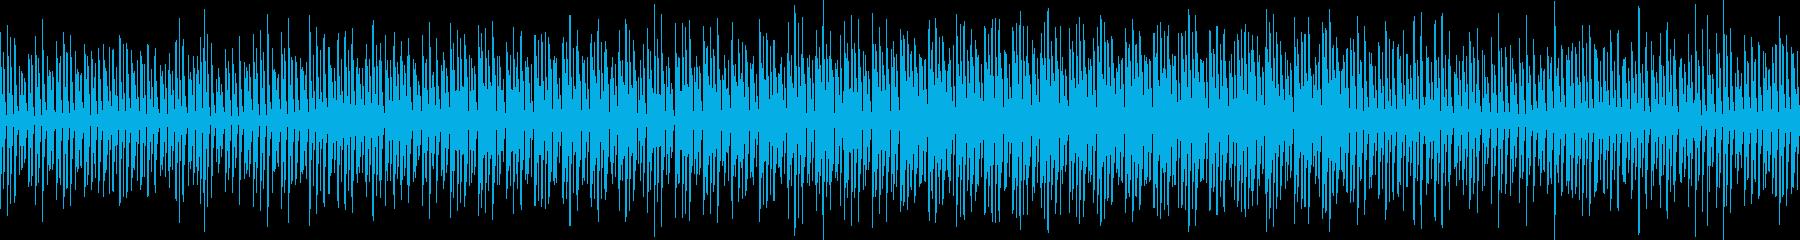 ゆるいアシッド風テクノ/ゲーム/戦闘洞窟の再生済みの波形